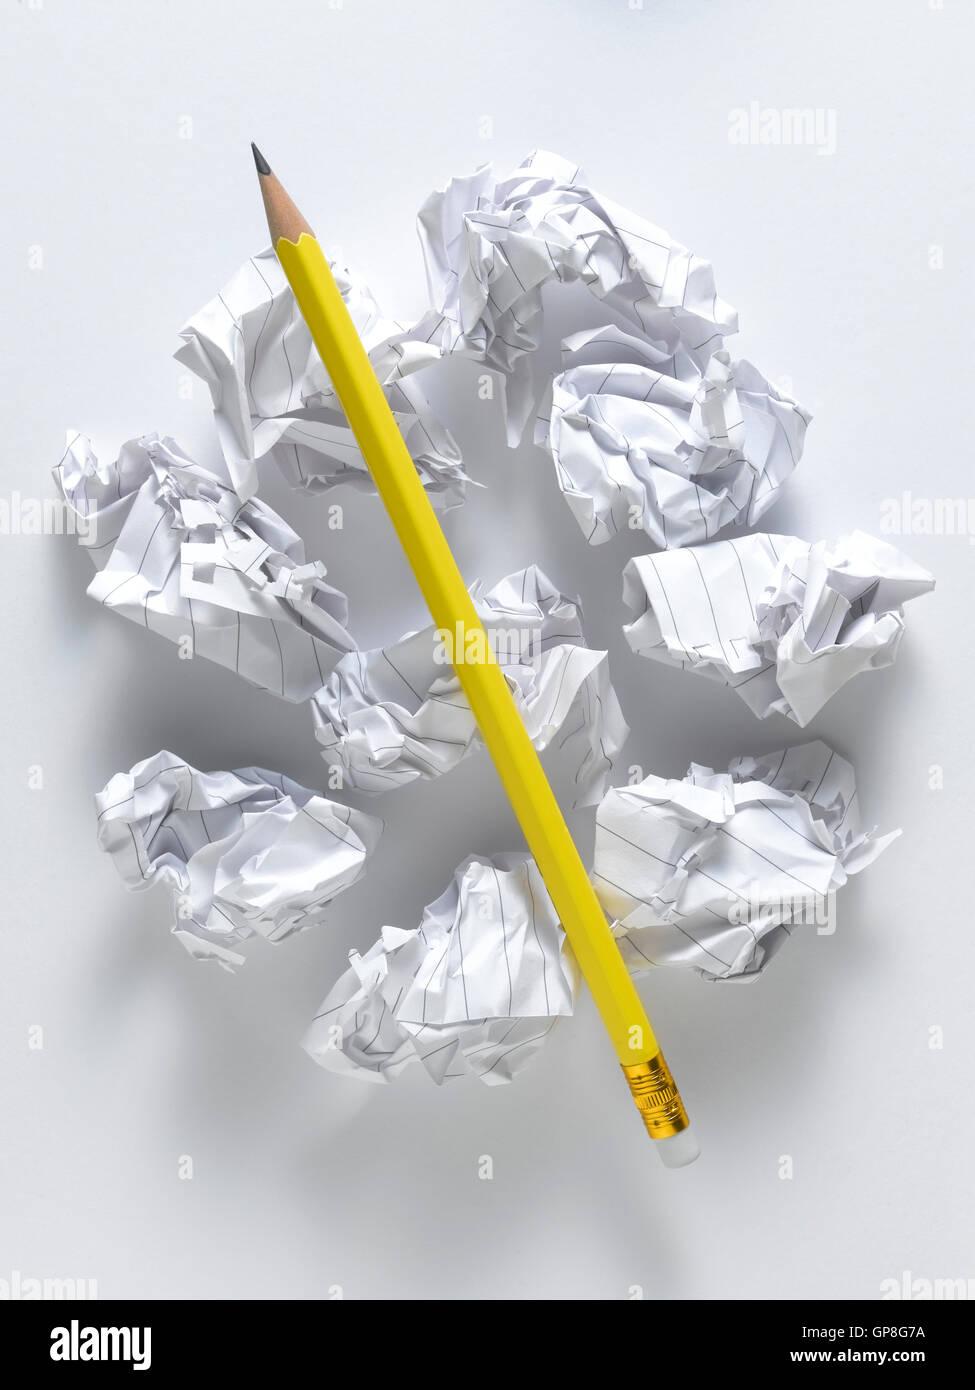 Matita gialla isolato su uno sfondo bianco Immagini Stock